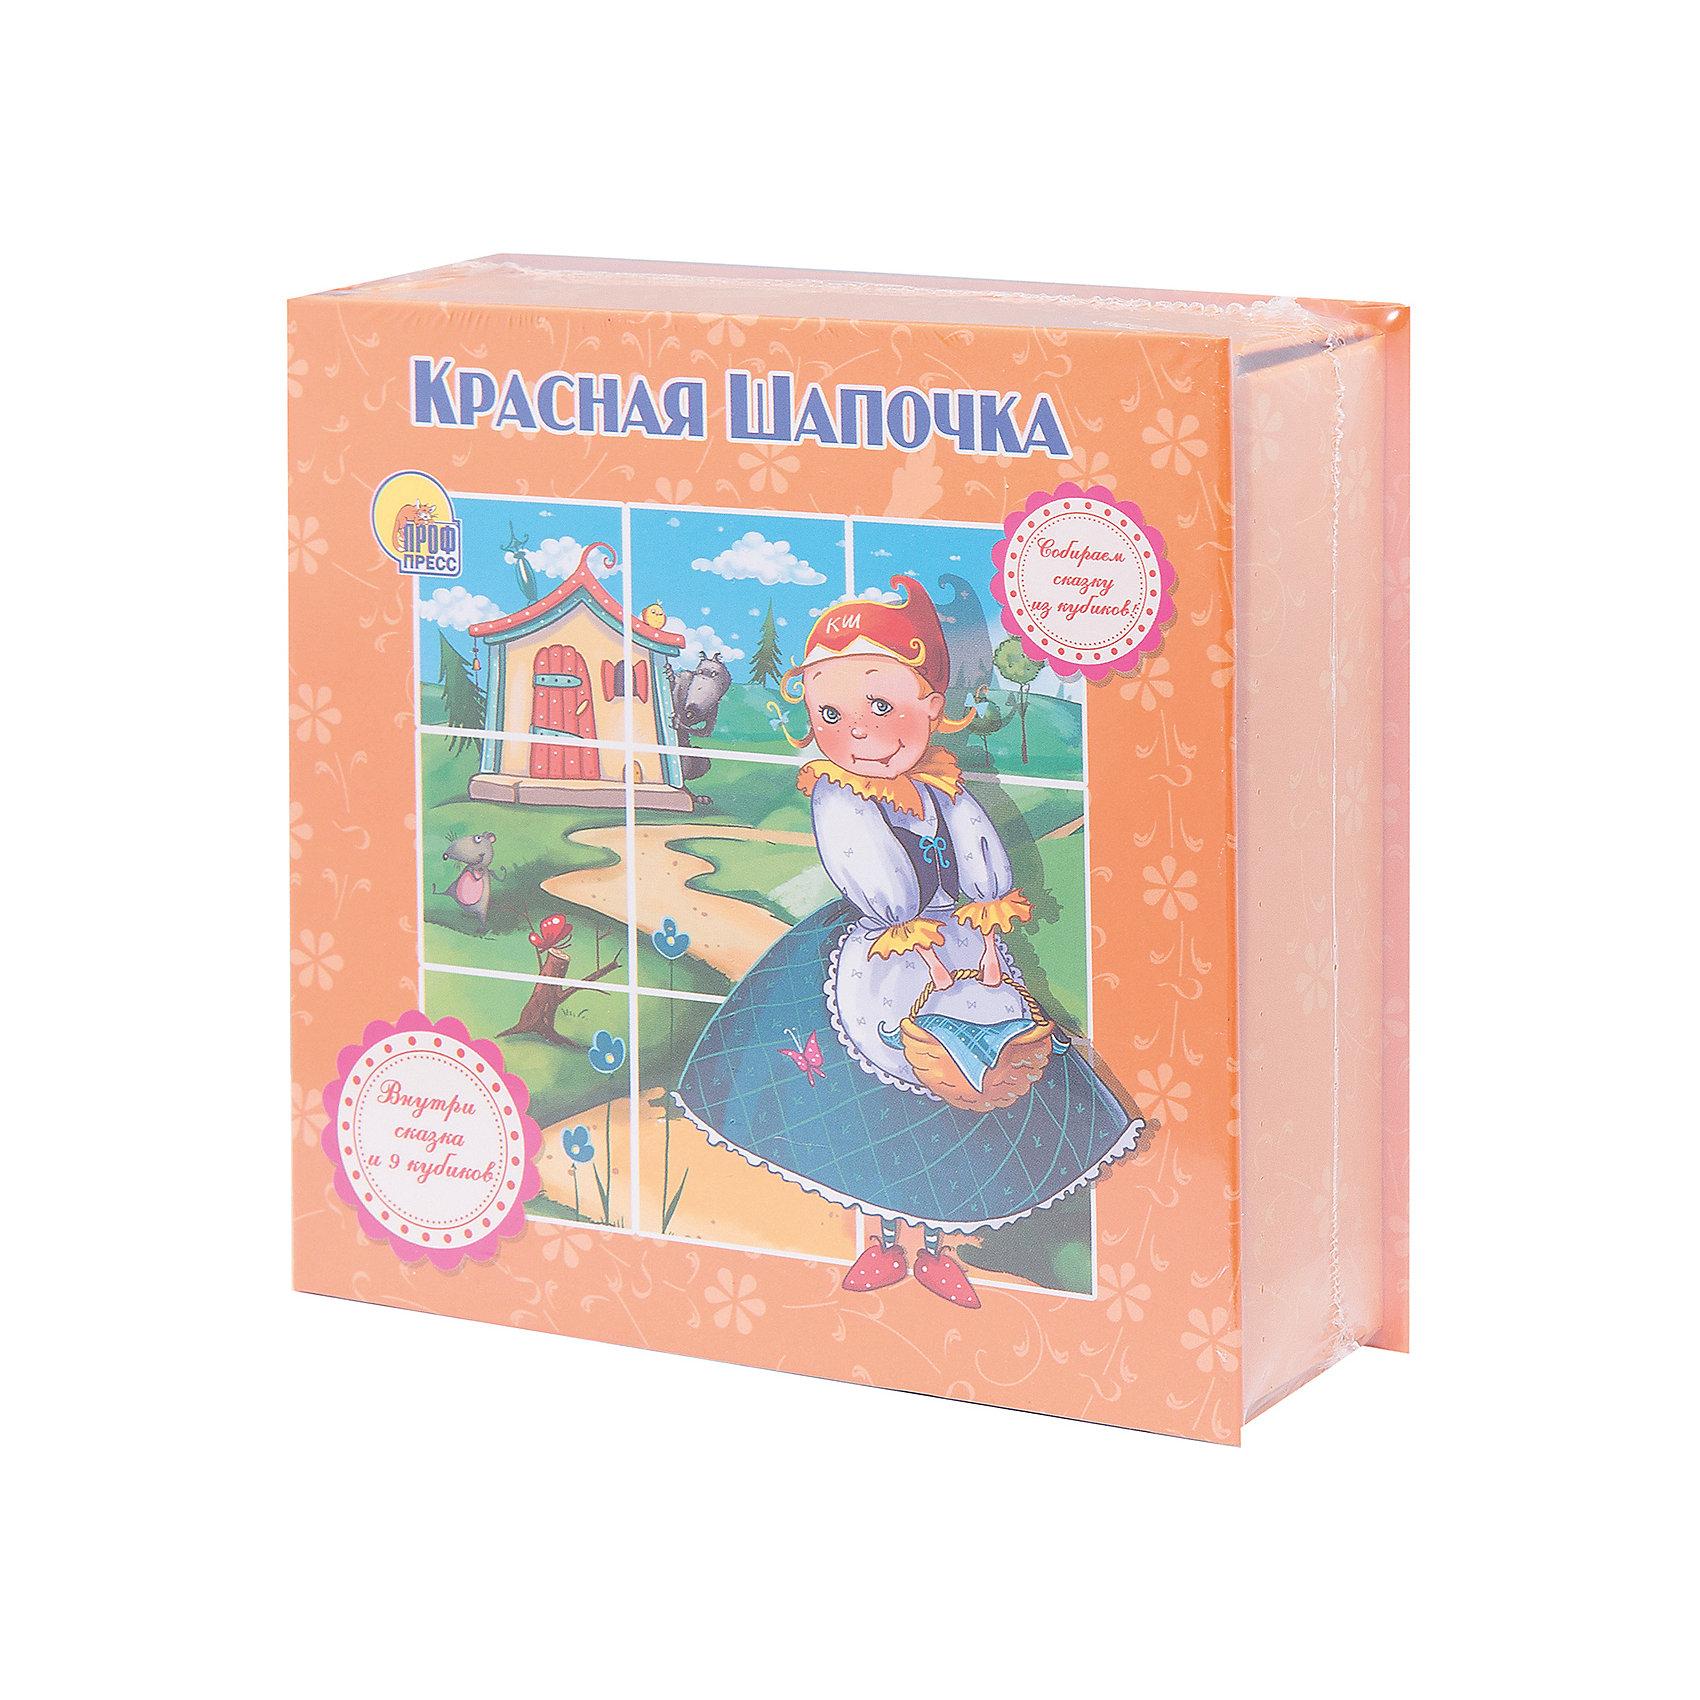 Книжка-игрушка Красная шапочкаКниги-пазлы<br>Эта серия книг - одновременно развивающие игрушки, набор кубиков, из которых можно собрать картинку из сказки. Книги - это лучший подарок не только взрослым, они помогают детям познавать мир и учиться читать, также книги позволяют ребенку весело проводить время. Они также стимулируют развитие воображения, логики и творческого мышления.<br>Это издание сделано специально для детей - с плотными страничками, и яркими картинками, которые обязательно понравятся малышам! Книга сделана из качественных и безопасных для детей материалов.<br>  <br>Дополнительная информация:<br><br>размер: 15х5х15 см;<br>кубиков: 9 шт;<br>вес: 305 г.<br><br>Книжку-игрушку Красная шапочка от издательства Проф-Пресс можно купить в нашем магазине.<br><br>Ширина мм: 145<br>Глубина мм: 52<br>Высота мм: 145<br>Вес г: 305<br>Возраст от месяцев: 0<br>Возраст до месяцев: 60<br>Пол: Унисекс<br>Возраст: Детский<br>SKU: 4787283